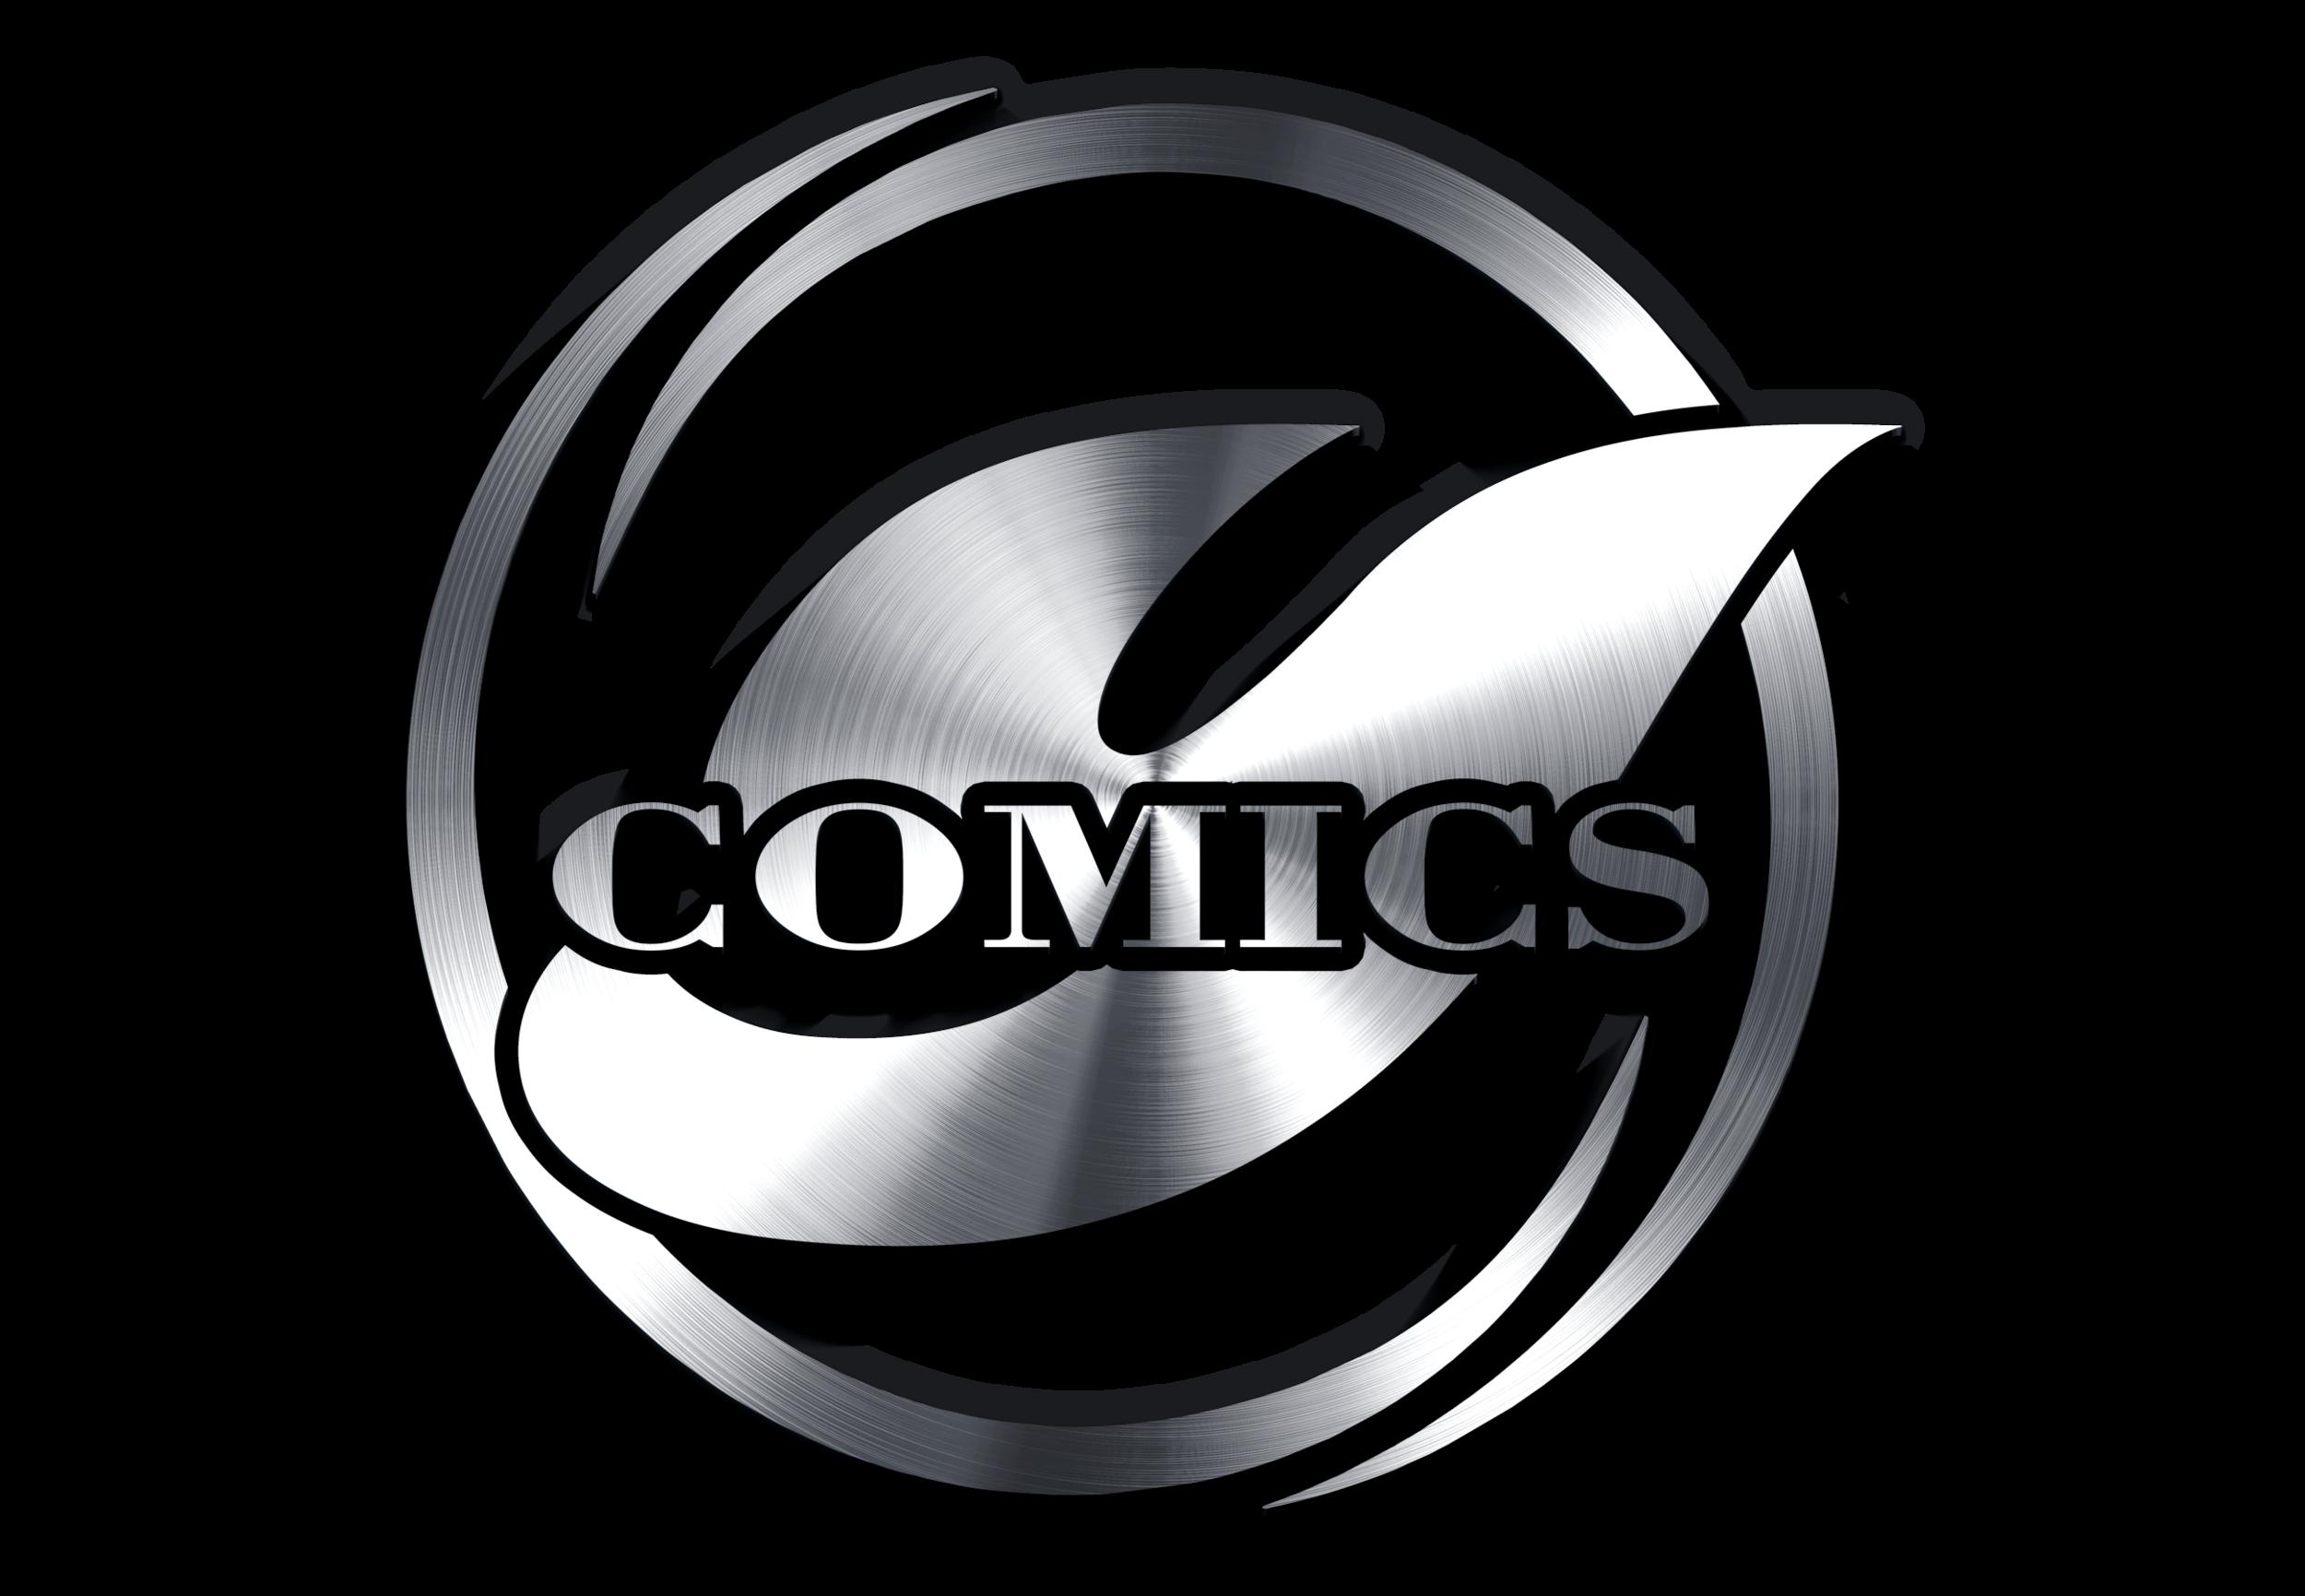 logo02-5.png